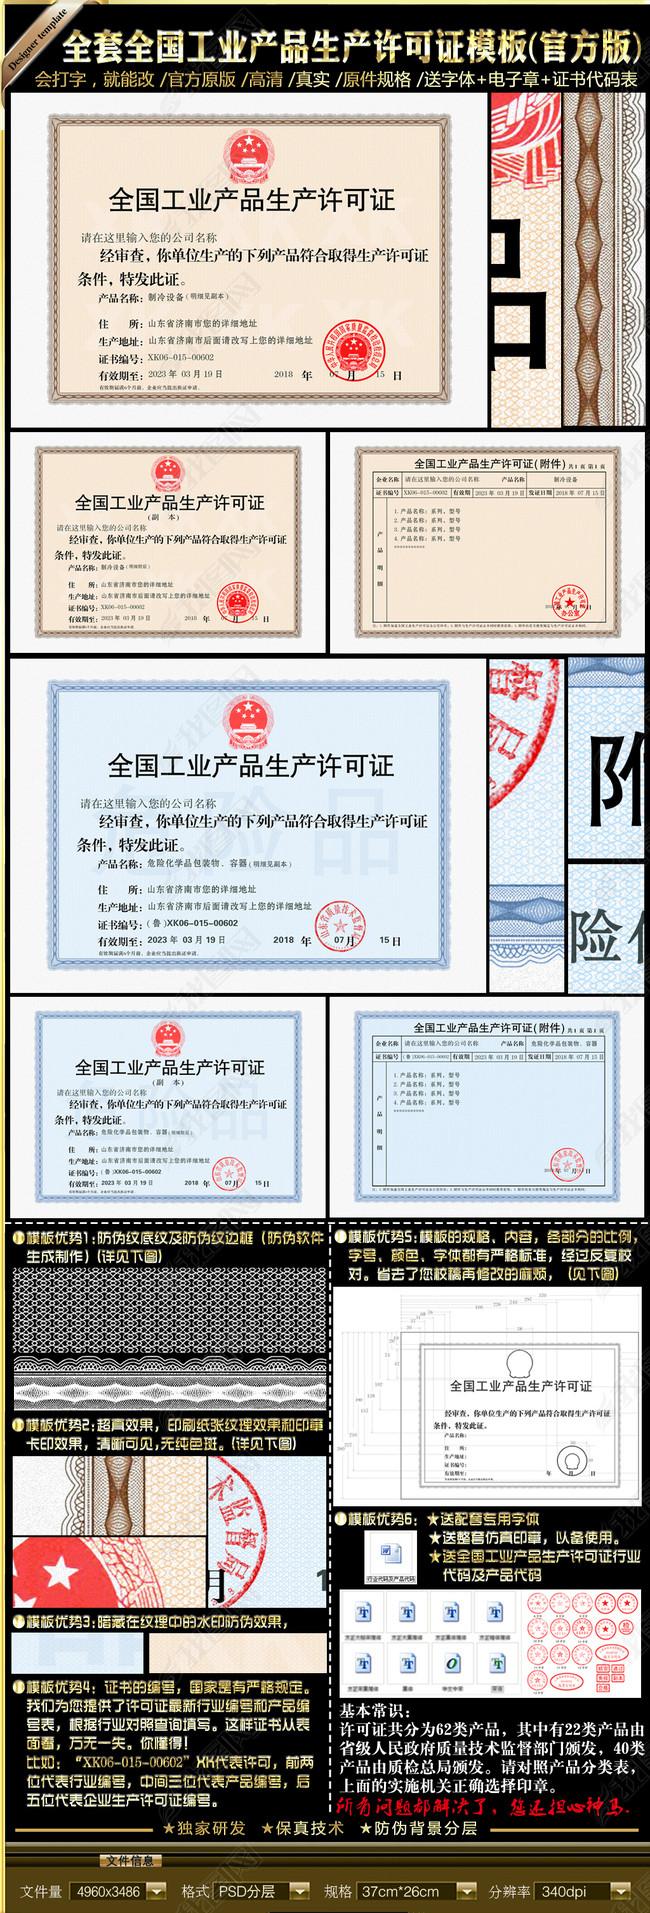 2017全套全国工业产品生产许可证模板